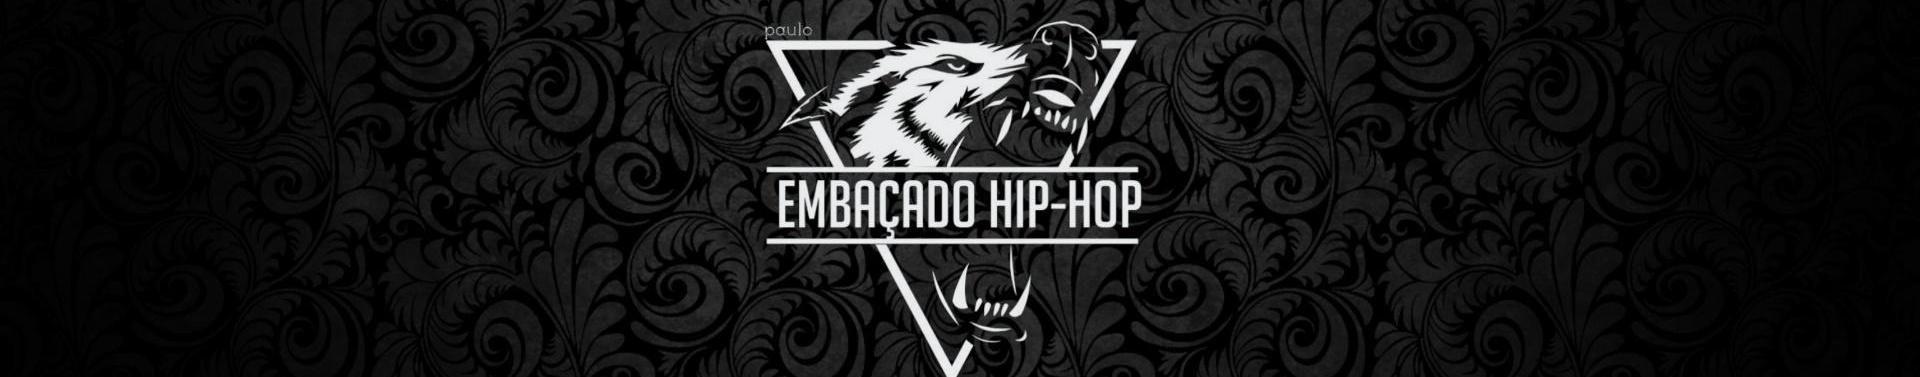 Imagem de capa de EMBAÇADO Hip-Hop